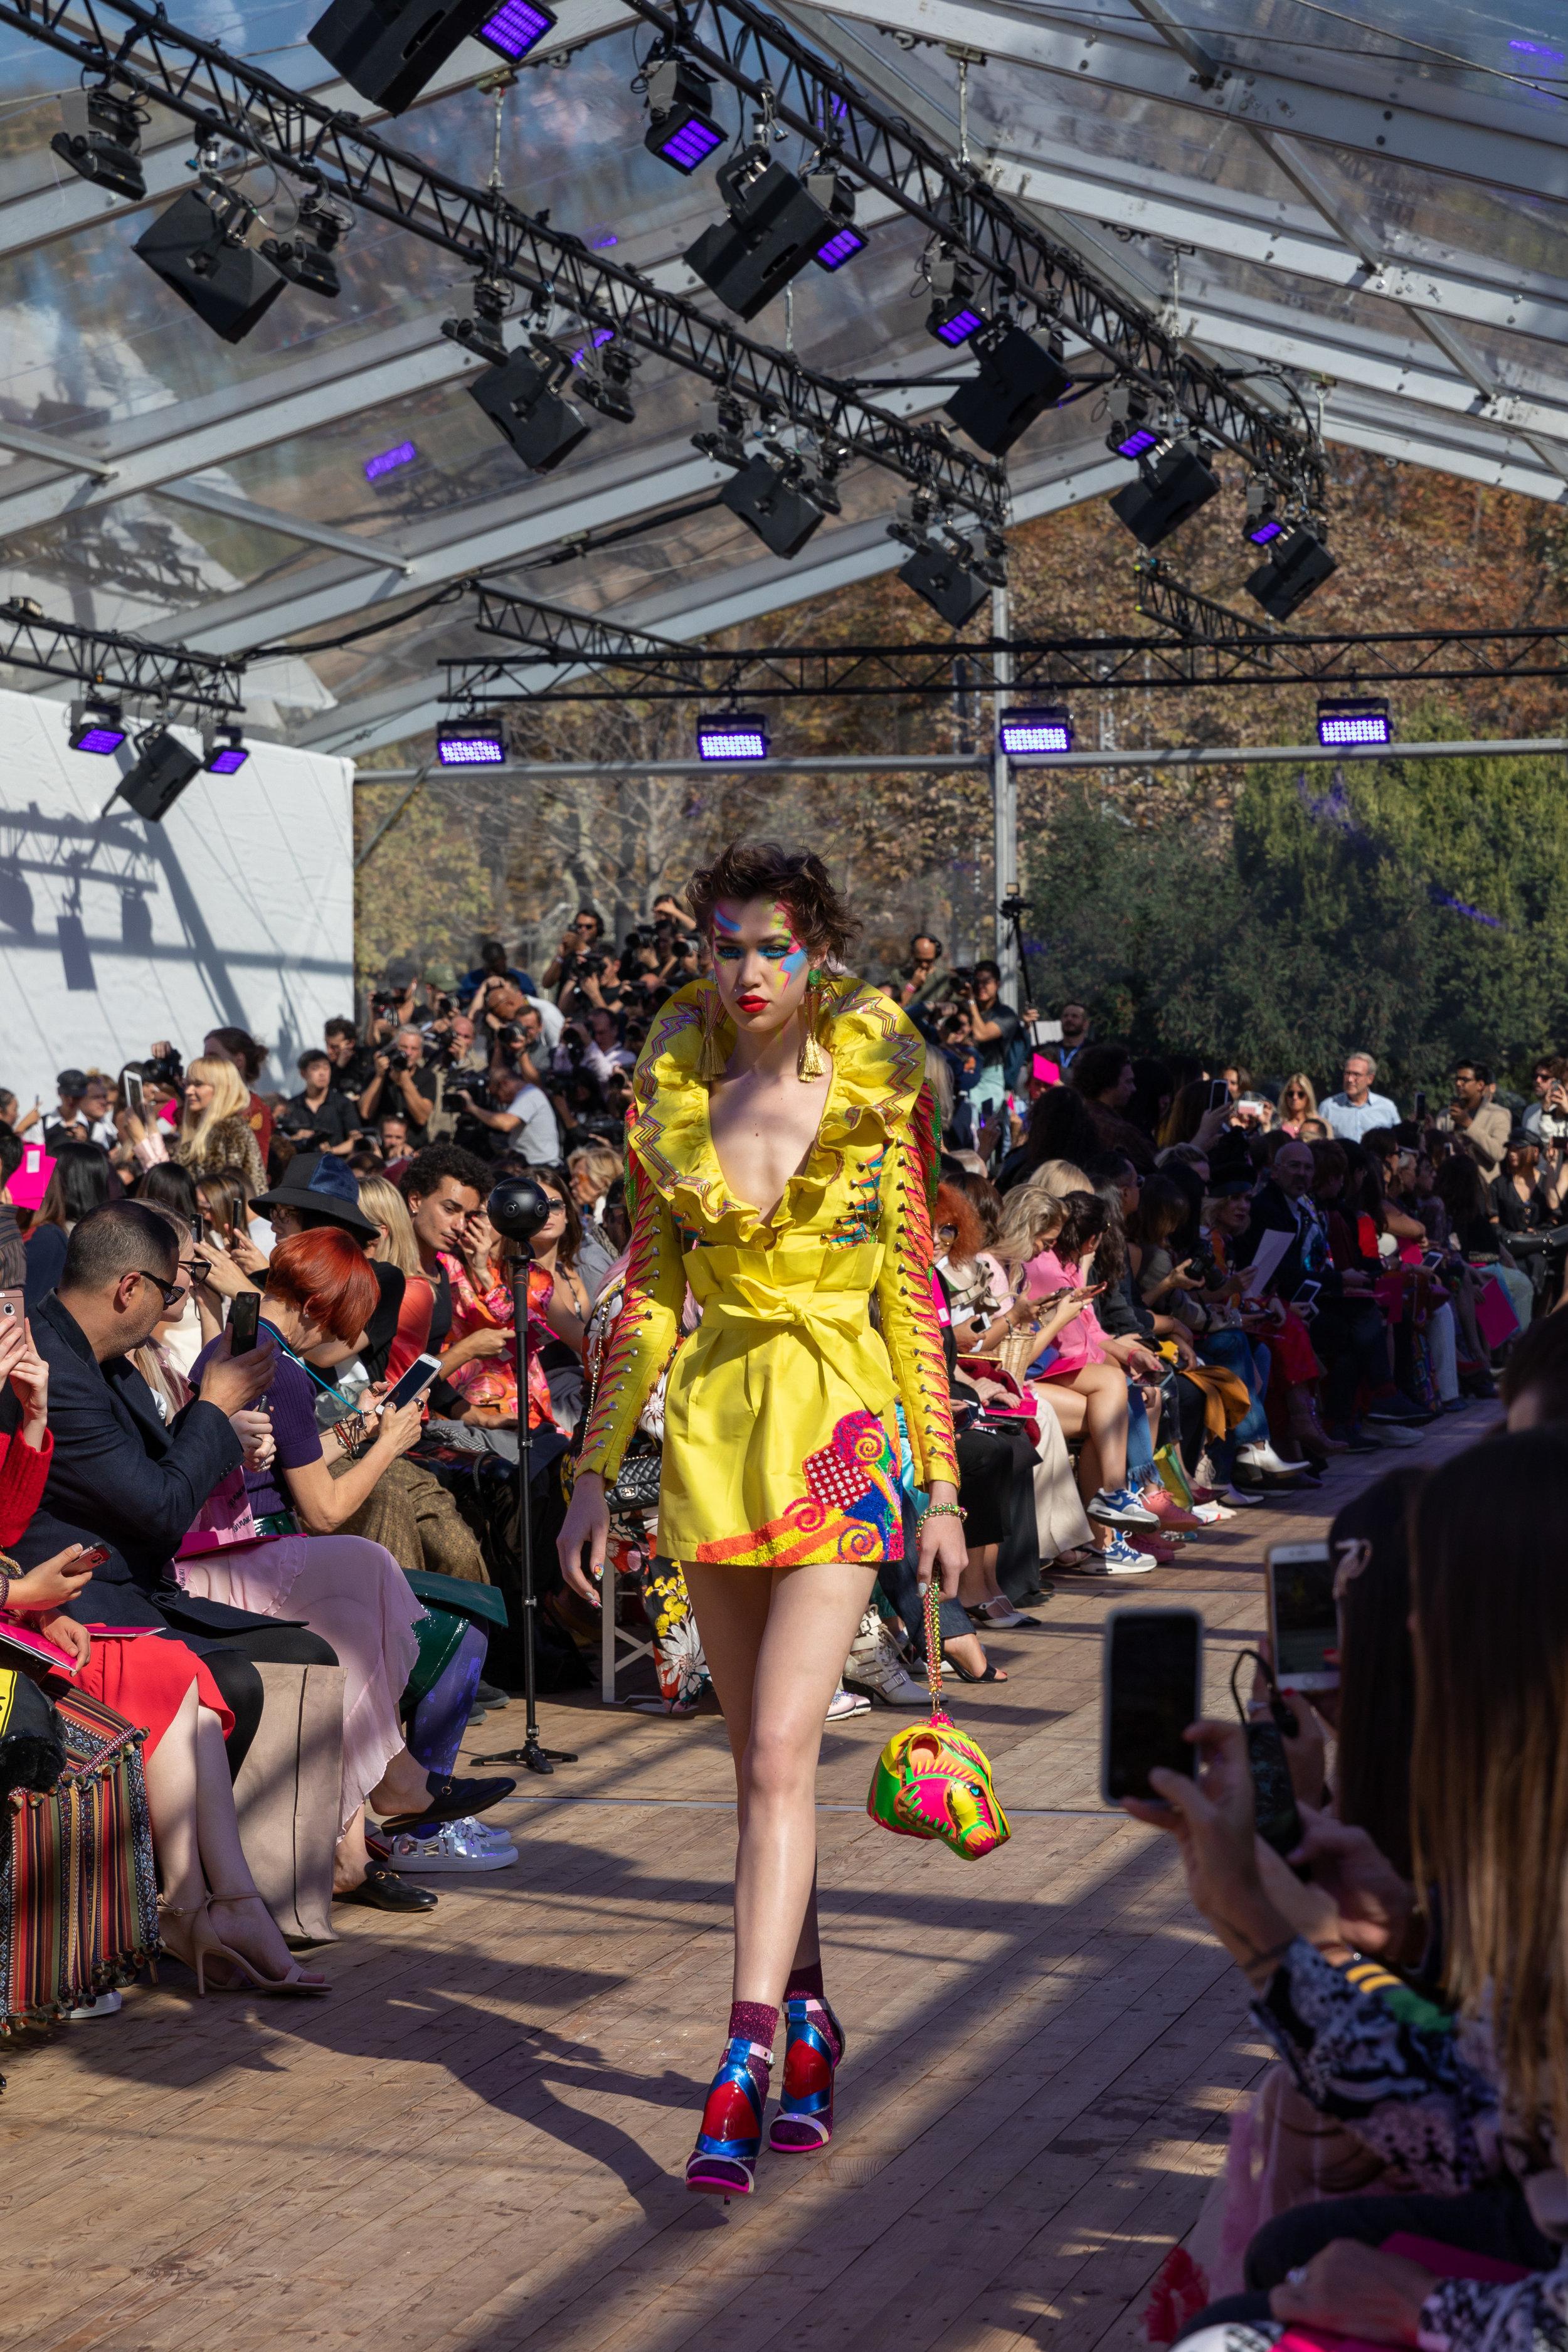 Manish-Arora-Paris-Fashion-Week-Spring-2019_by_Alexis_Breugelmans_001.jpg